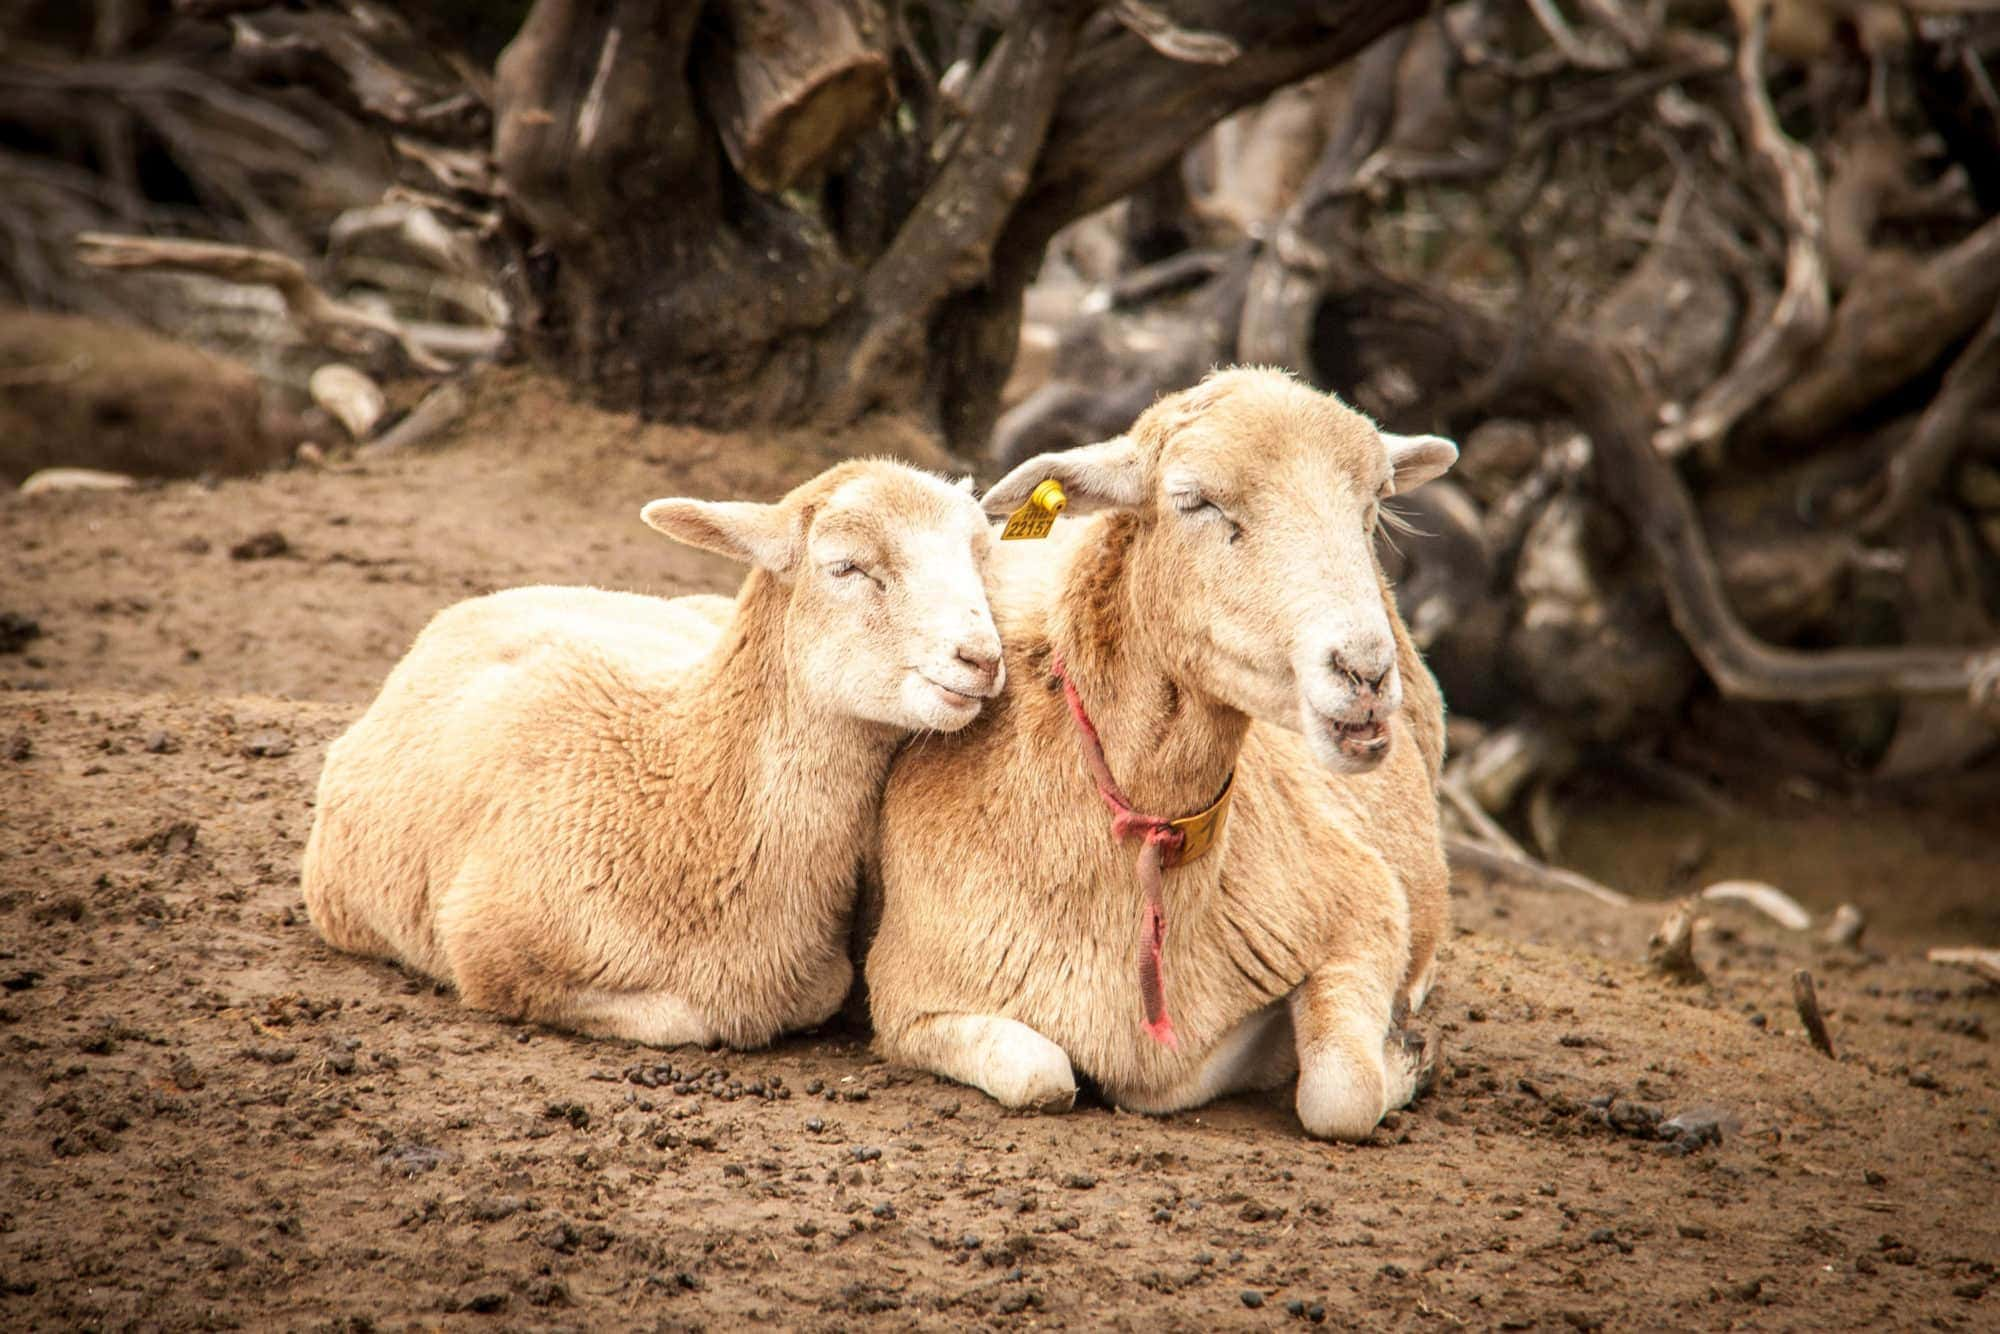 Ziegen-Herde im Landesinneren Teneriffas